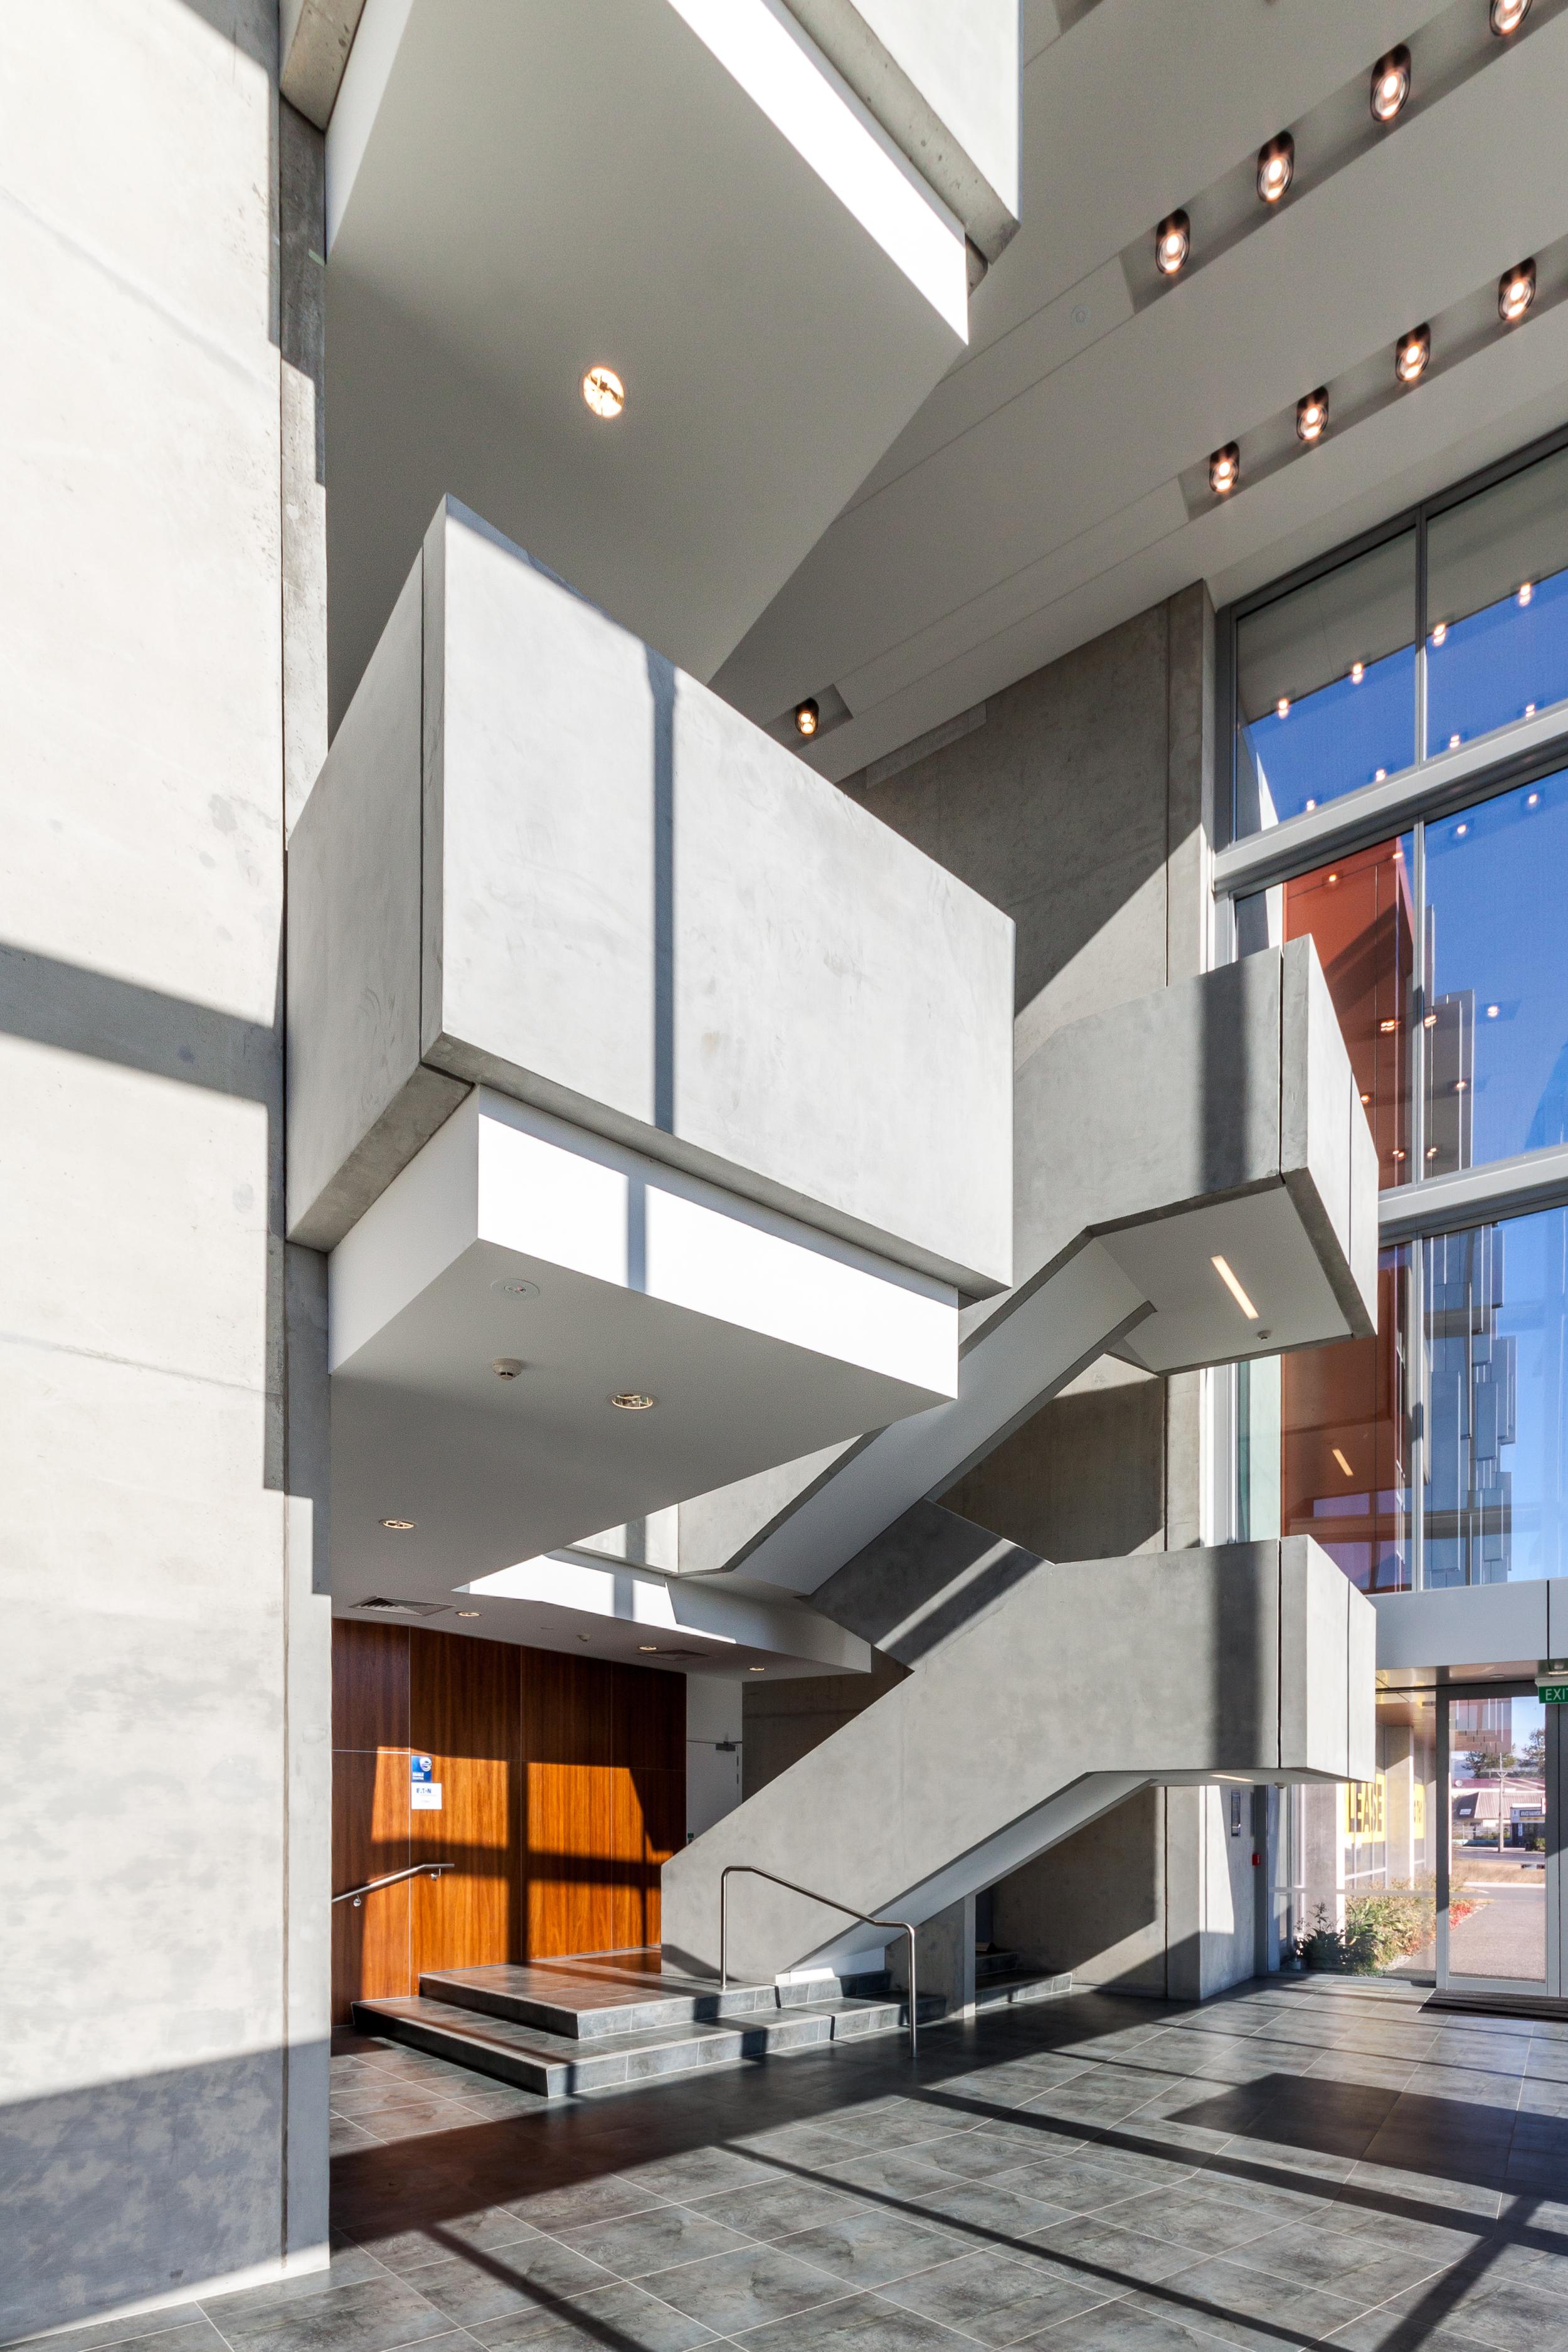 Wrights Road _ Stair _ 4 of 6.jpg